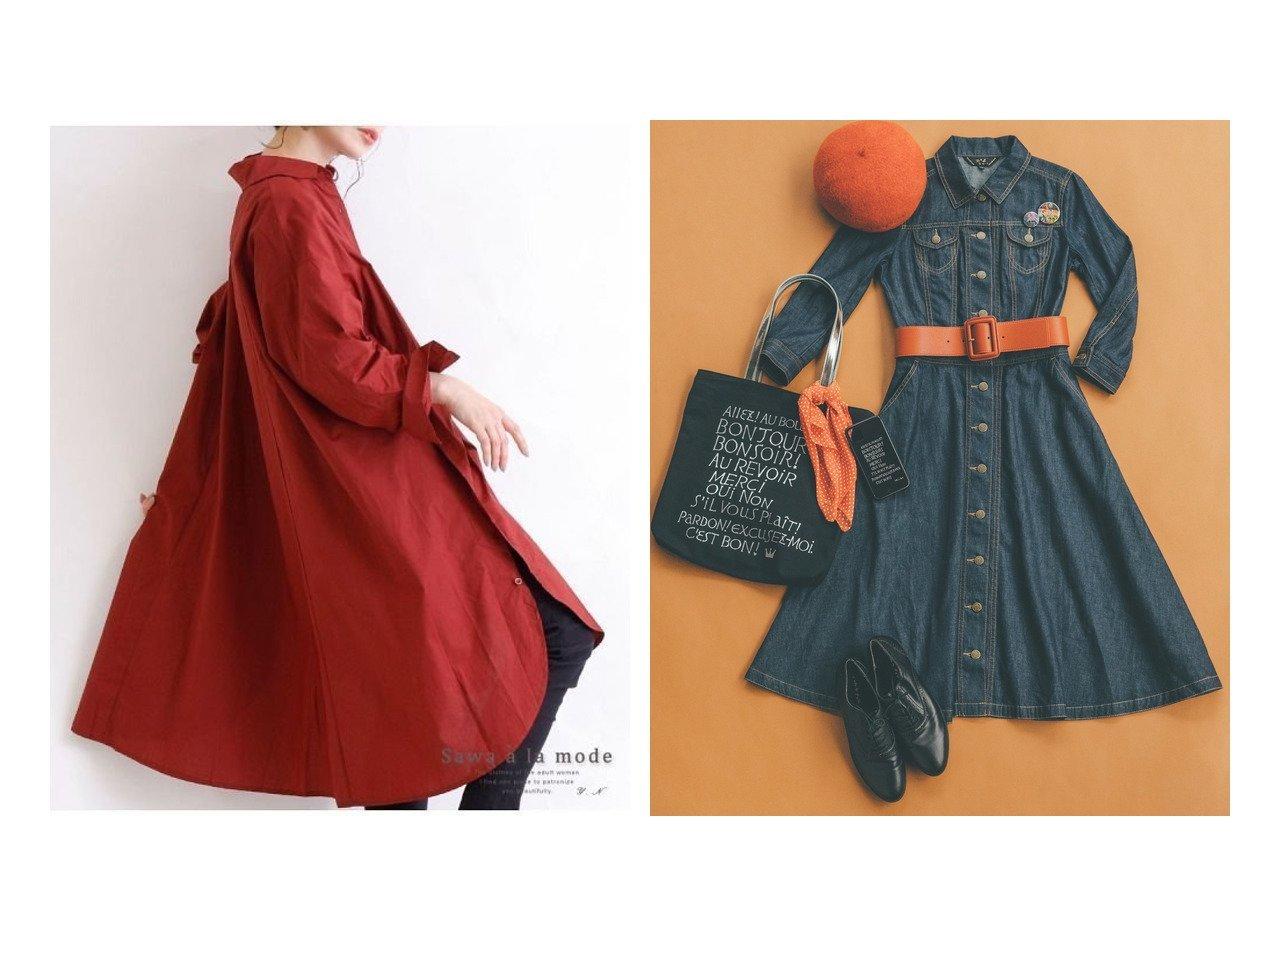 【Sawa a la mode/サワアラモード】のサイドボタン付き長袖コットンシャツワンピース&【To b. by agnes b./トゥービー バイ アニエスベー】のWG78 ROBE デニムワンピース ワンピース・ドレスのおすすめ!人気、トレンド・レディースファッションの通販  おすすめで人気の流行・トレンド、ファッションの通販商品 メンズファッション・キッズファッション・インテリア・家具・レディースファッション・服の通販 founy(ファニー) https://founy.com/ ファッション Fashion レディースファッション WOMEN ワンピース Dress シャツワンピース Shirt Dresses NEW・新作・新着・新入荷 New Arrivals スリット 長袖 デニム フレア ポケット ロング 再入荷 Restock/Back in Stock/Re Arrival |ID:crp329100000022751